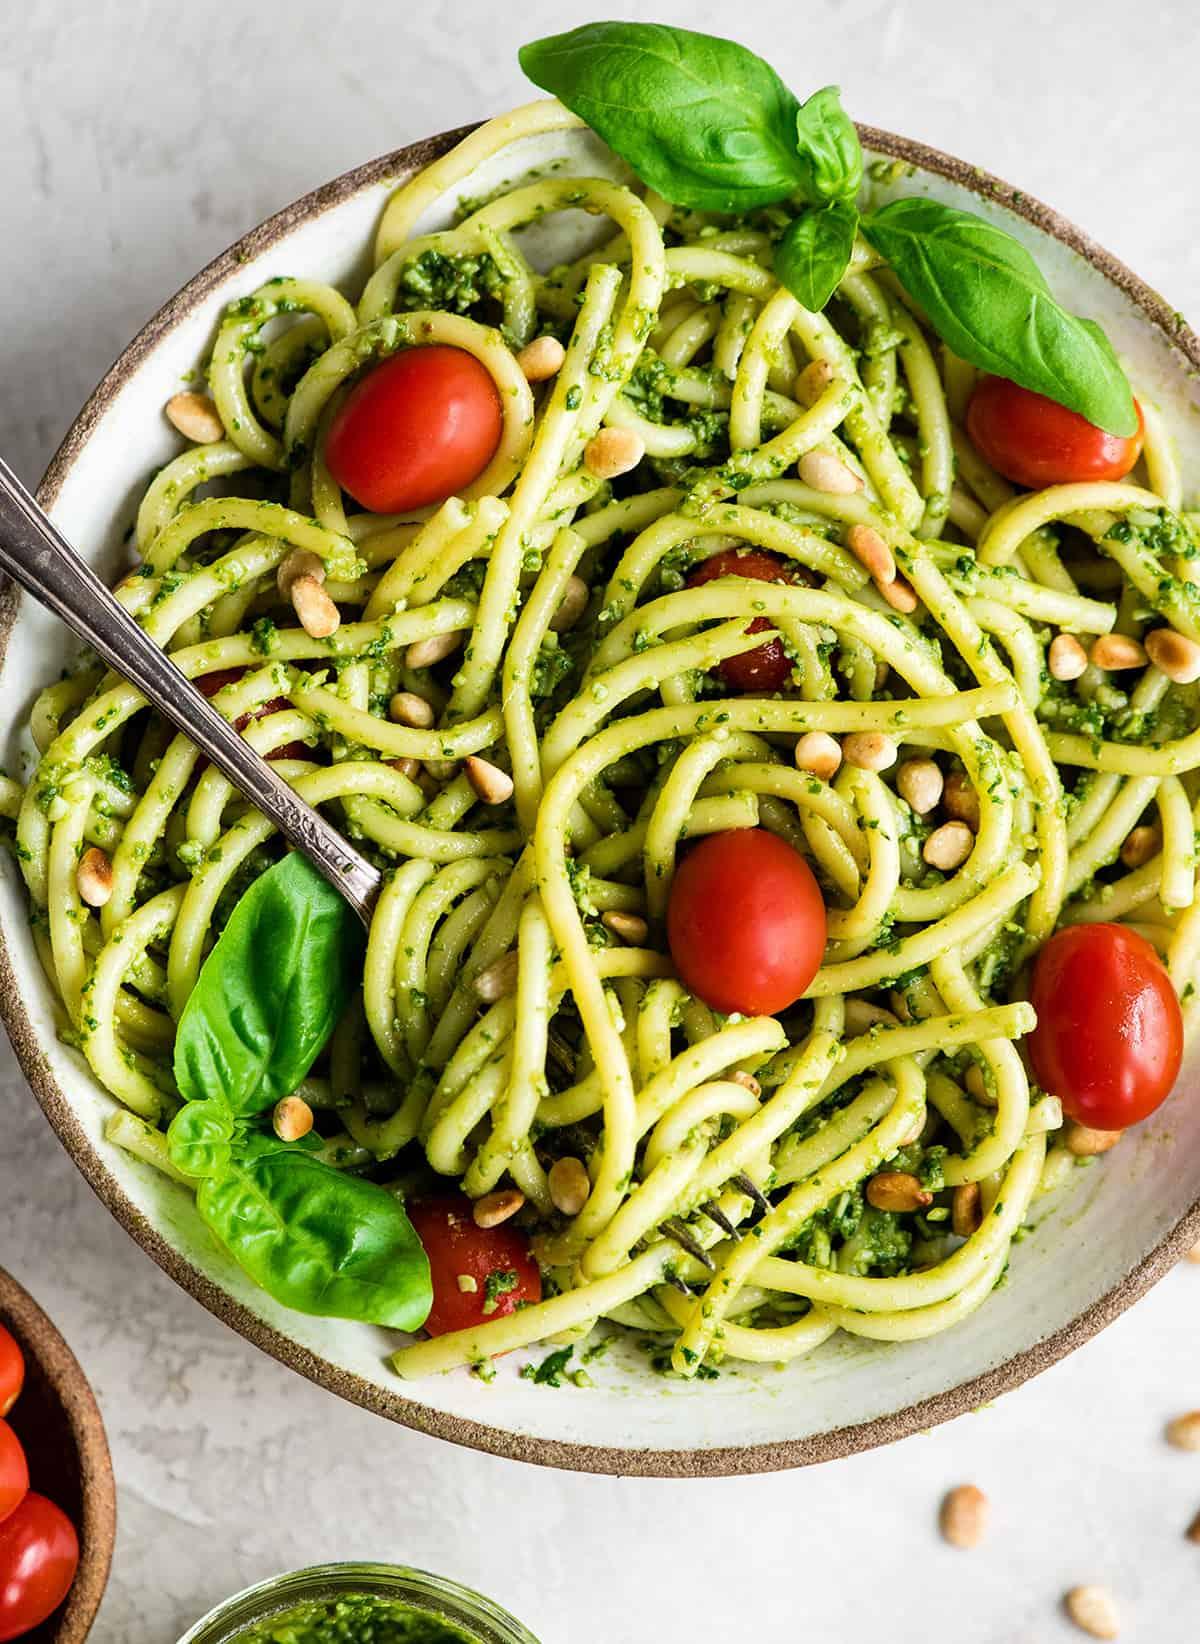 Resep Pesto Pasta Mudah Buat Di Rumah